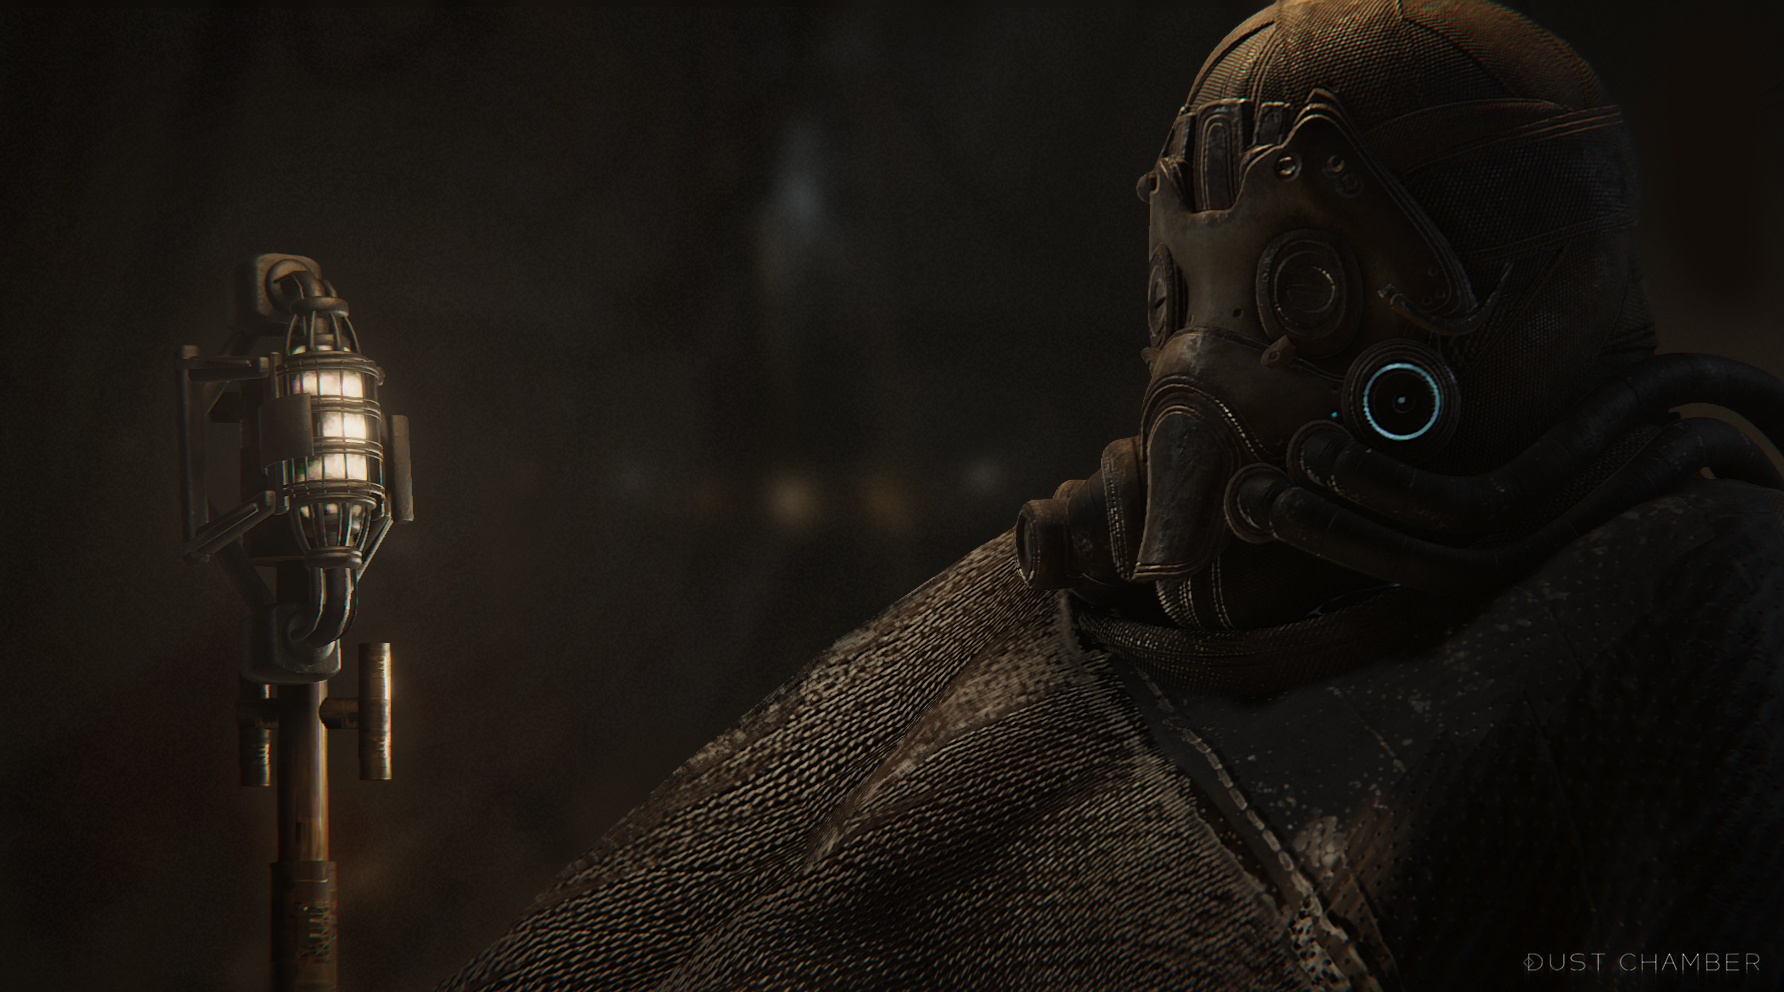 Dust_chamber_screenshots_final_05 | Dust Chamber : Бесконечная Структура, пыль, спуск в бездну